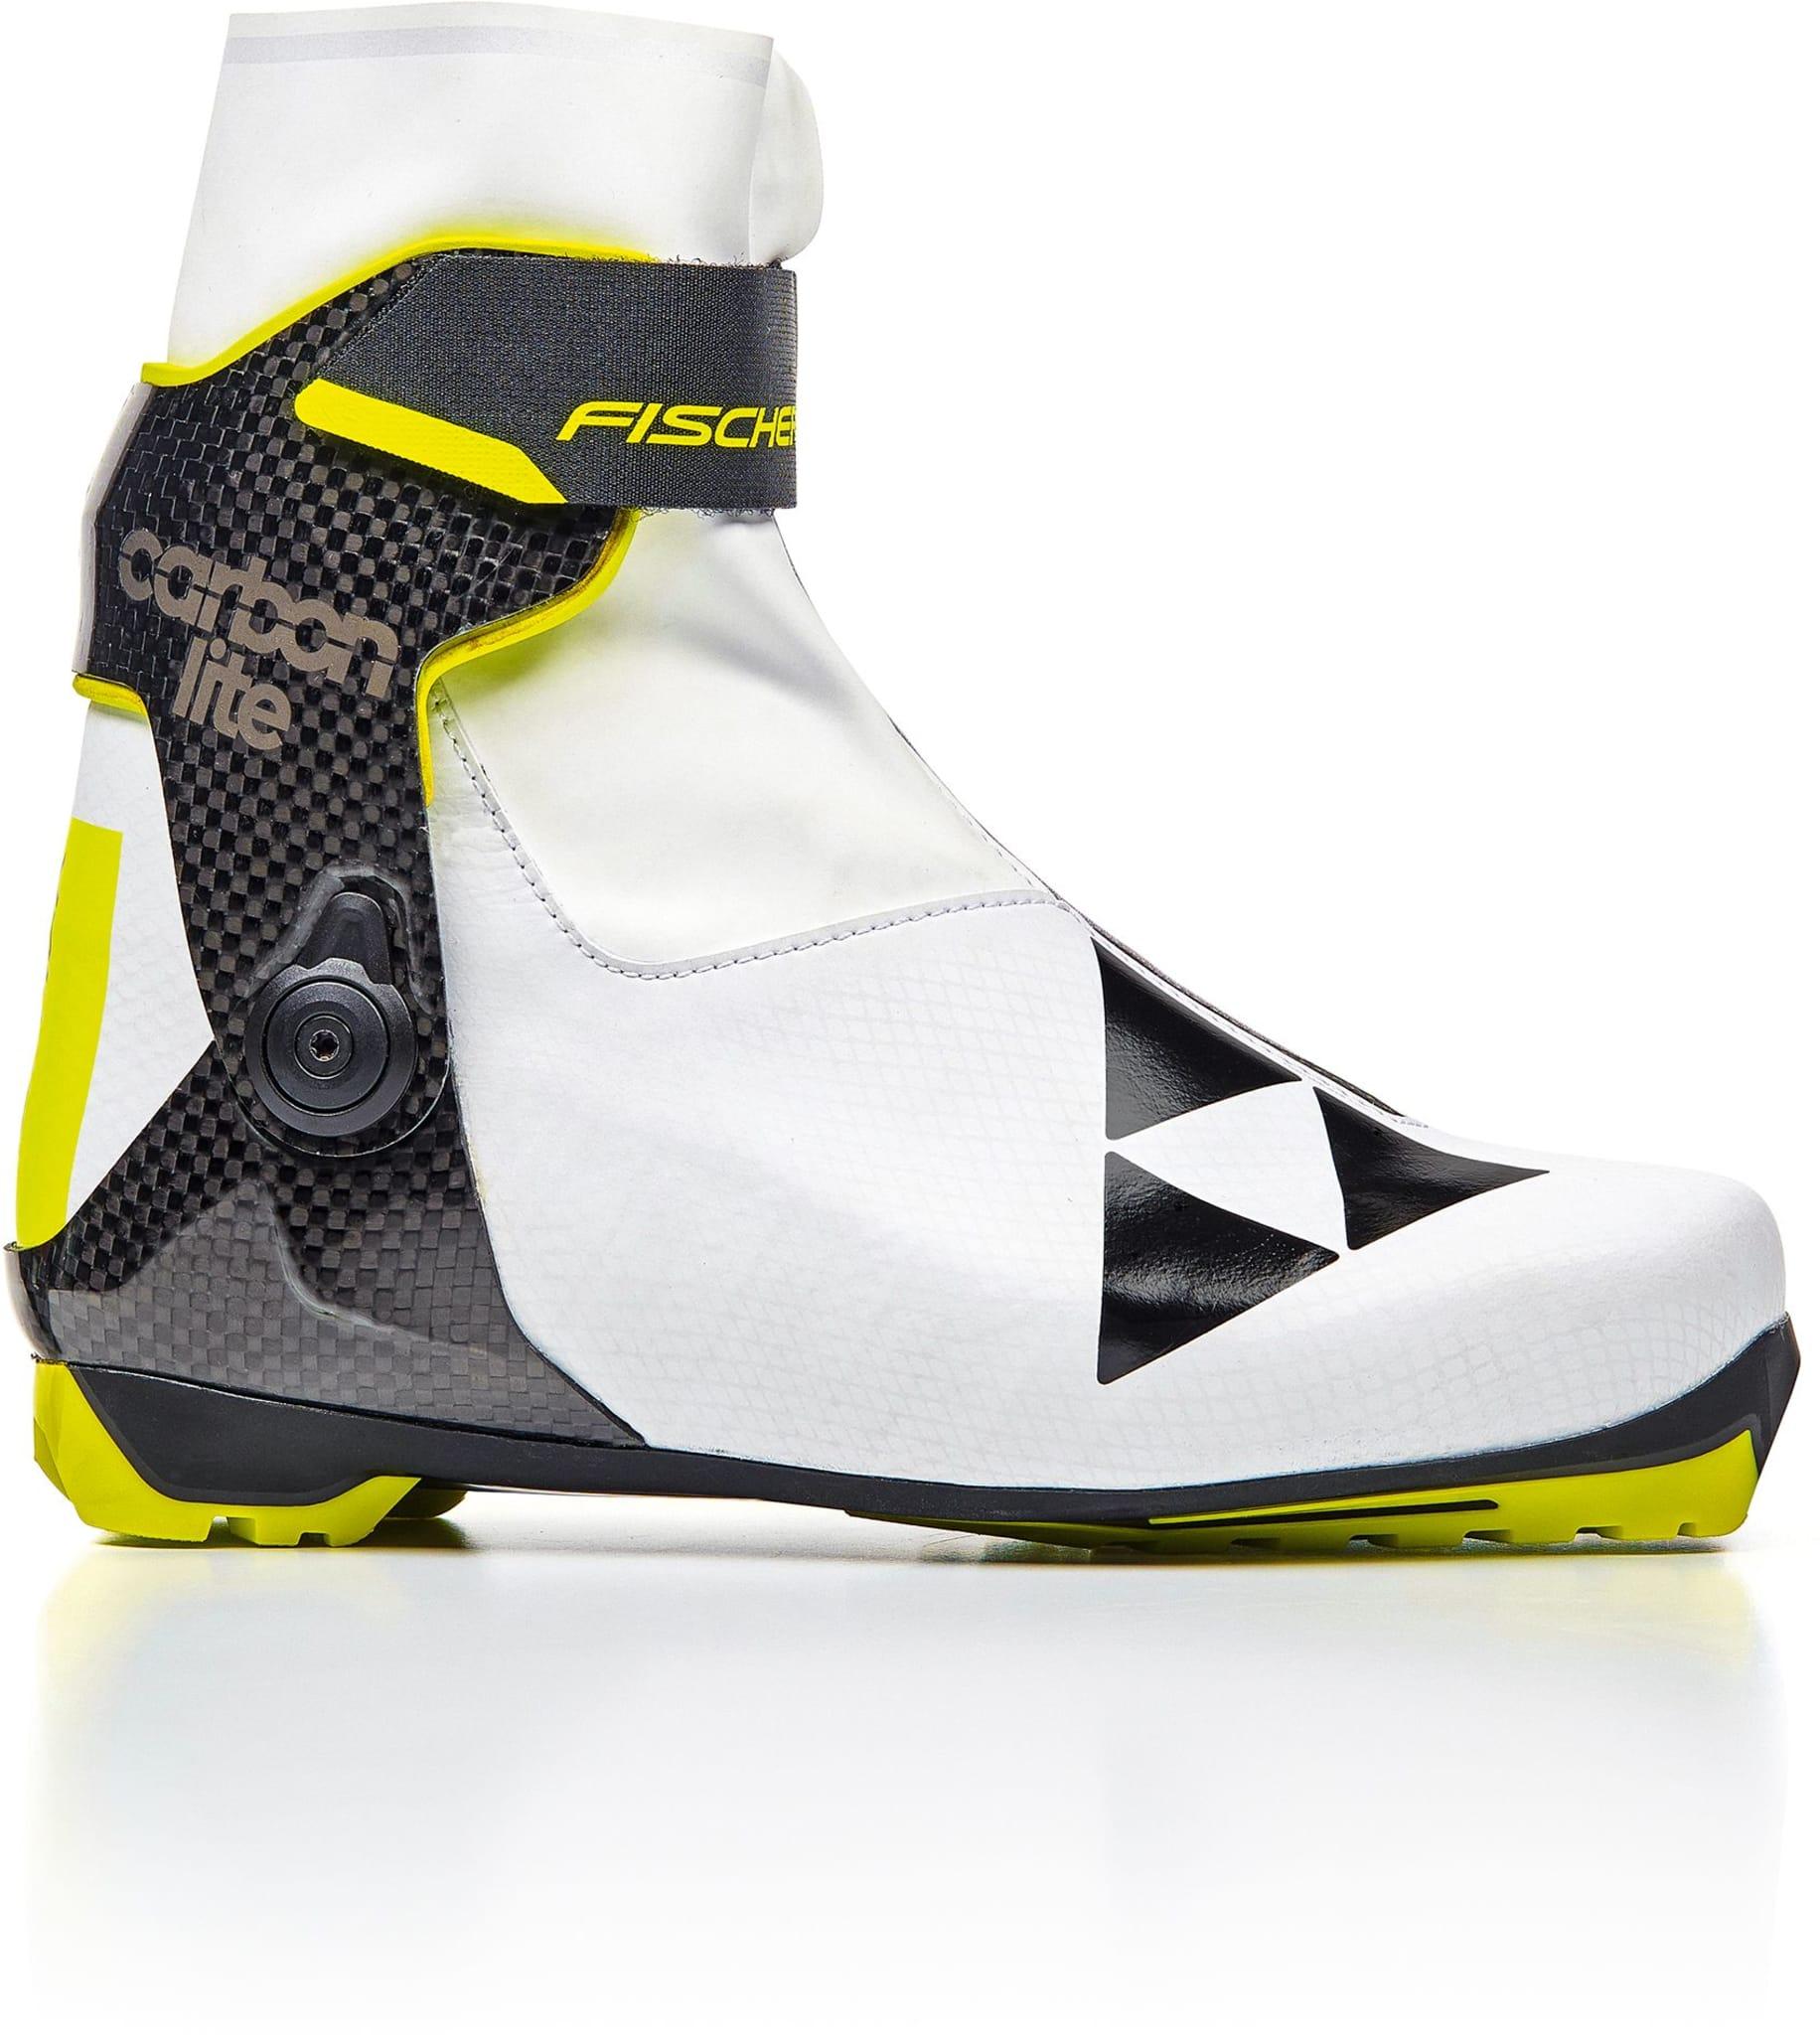 Ny utgave av Carbonlite Skate WS for 2021!